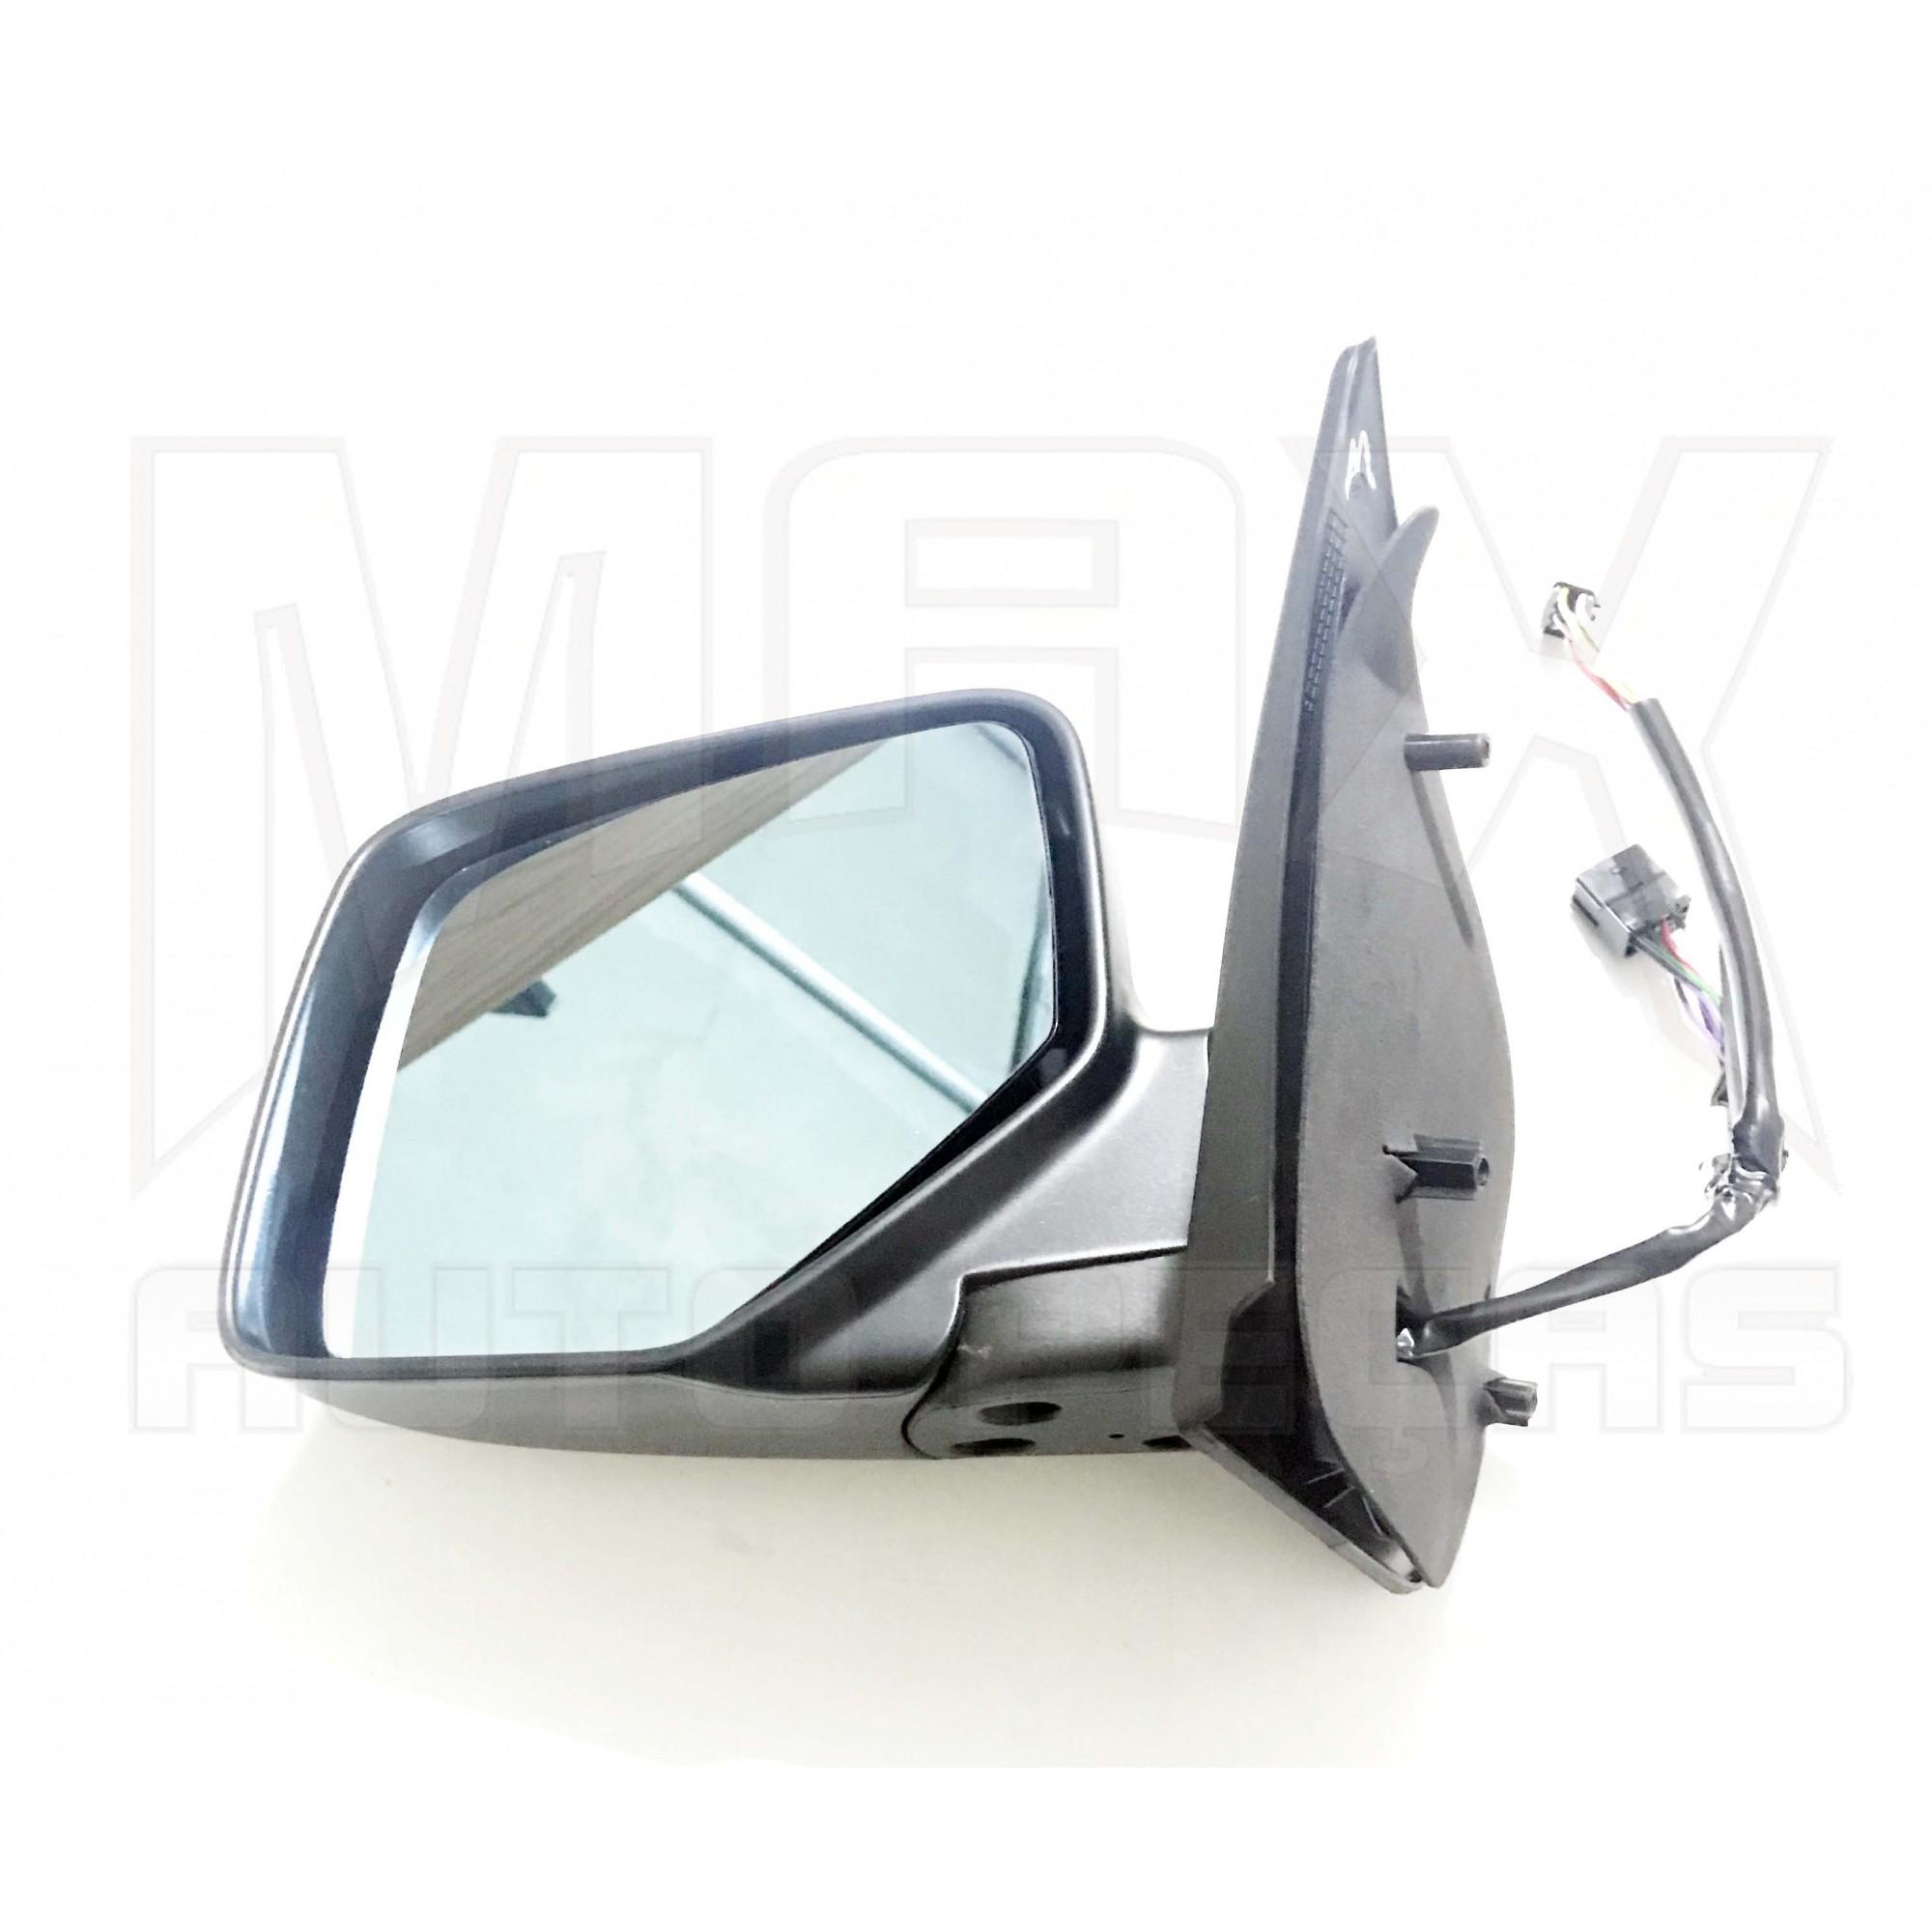 Espelho Retrovisor Externo Esquerdo Com Vidro Azul com Controle Interno Elétrico Ecosport 2005 2006 à 2012 Original Ford